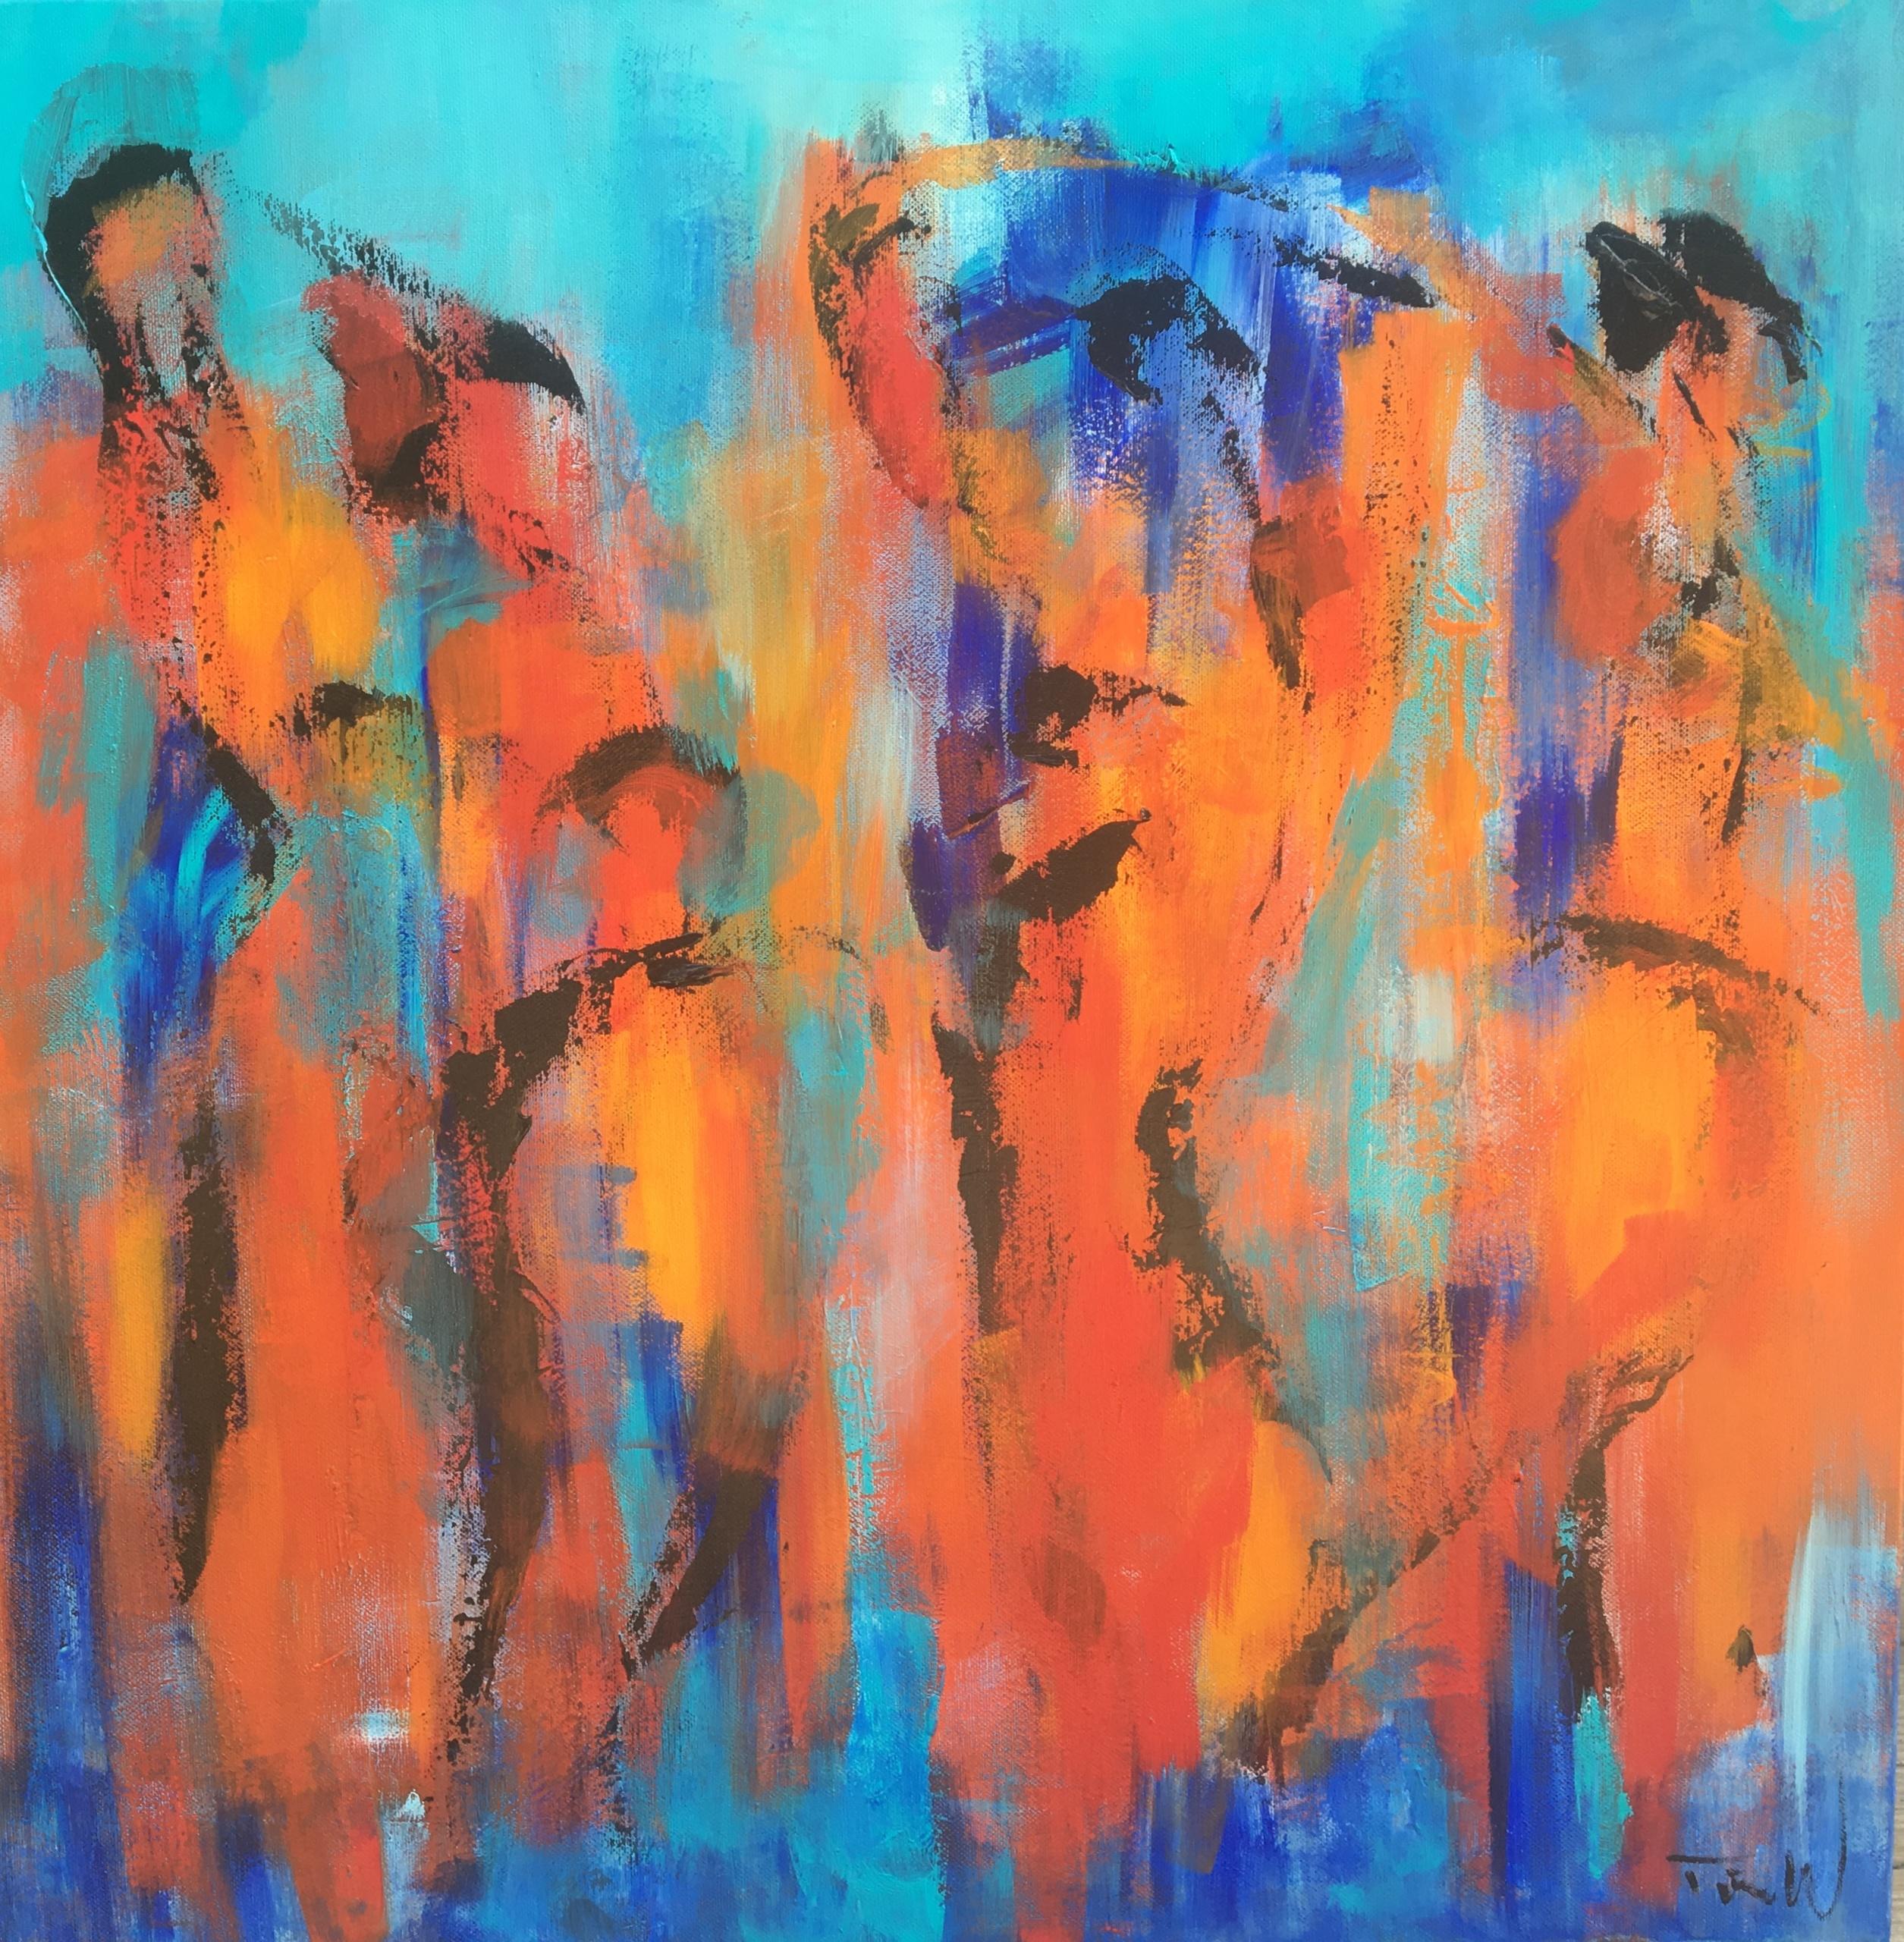 Maleriet her er inspireret af Karl Schmidt-Rottluff, som er en af de tyske ekspressionister fra kunstsammenslutningen